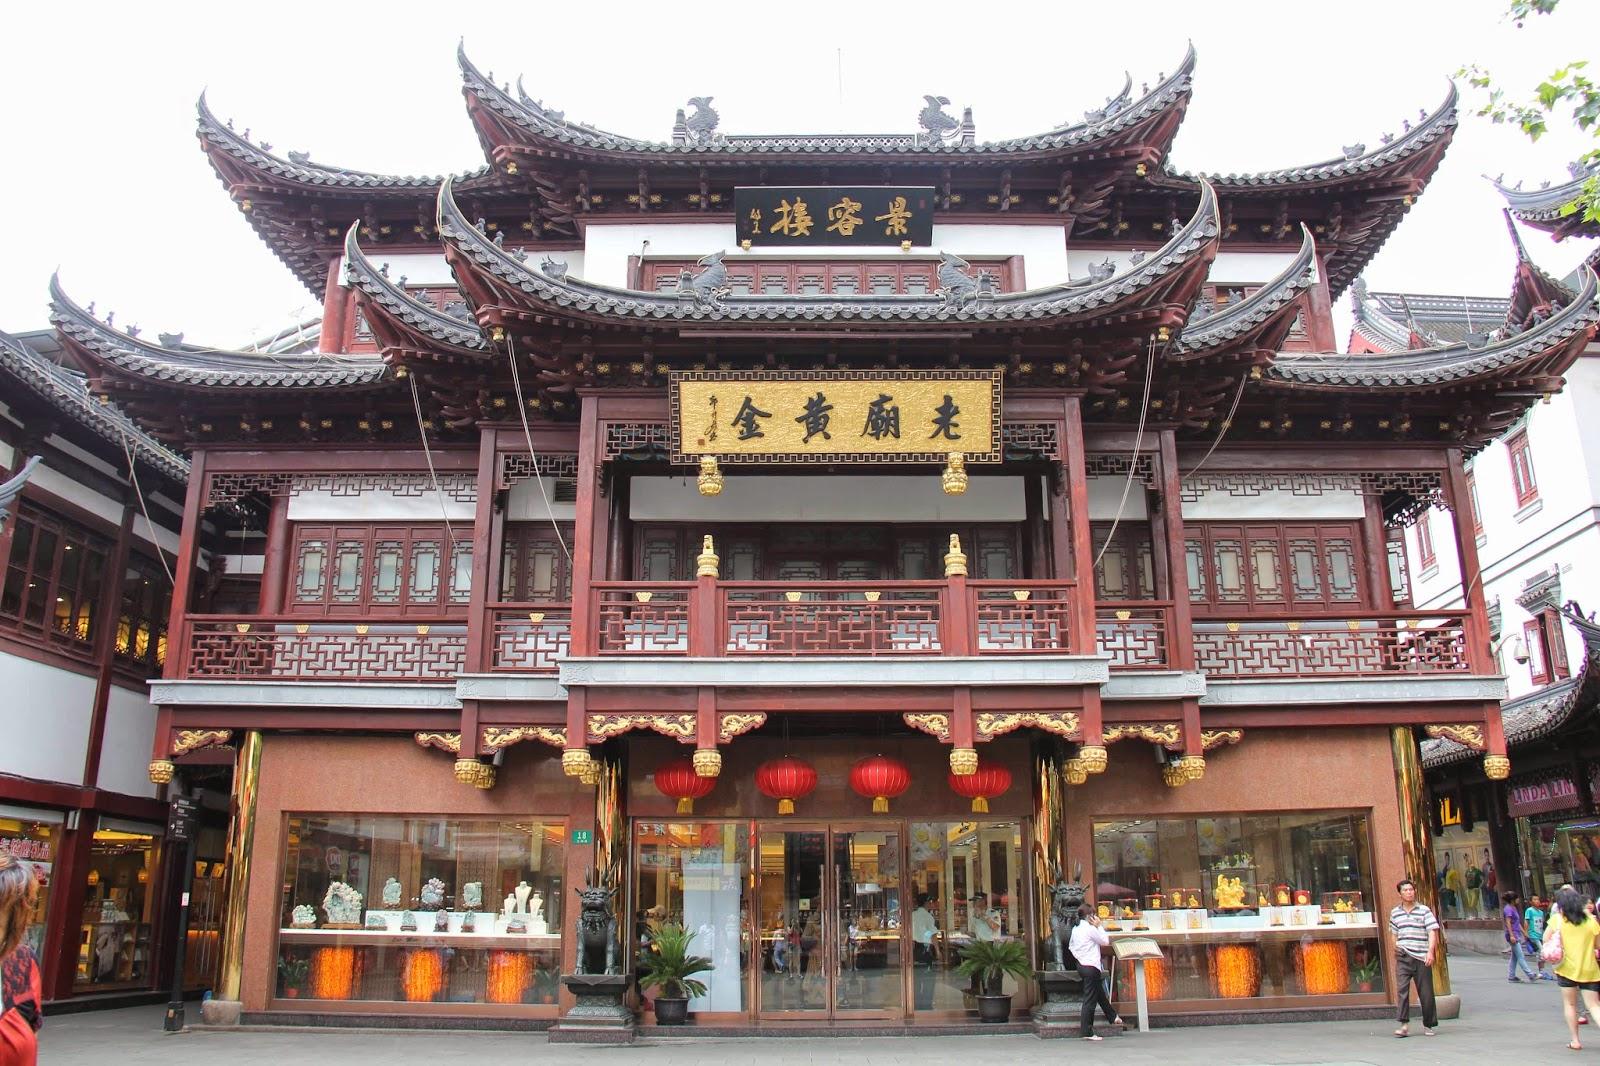 Voyage asie australie vieux shanghai et jardin yuyuan for Le jardin yuyuan